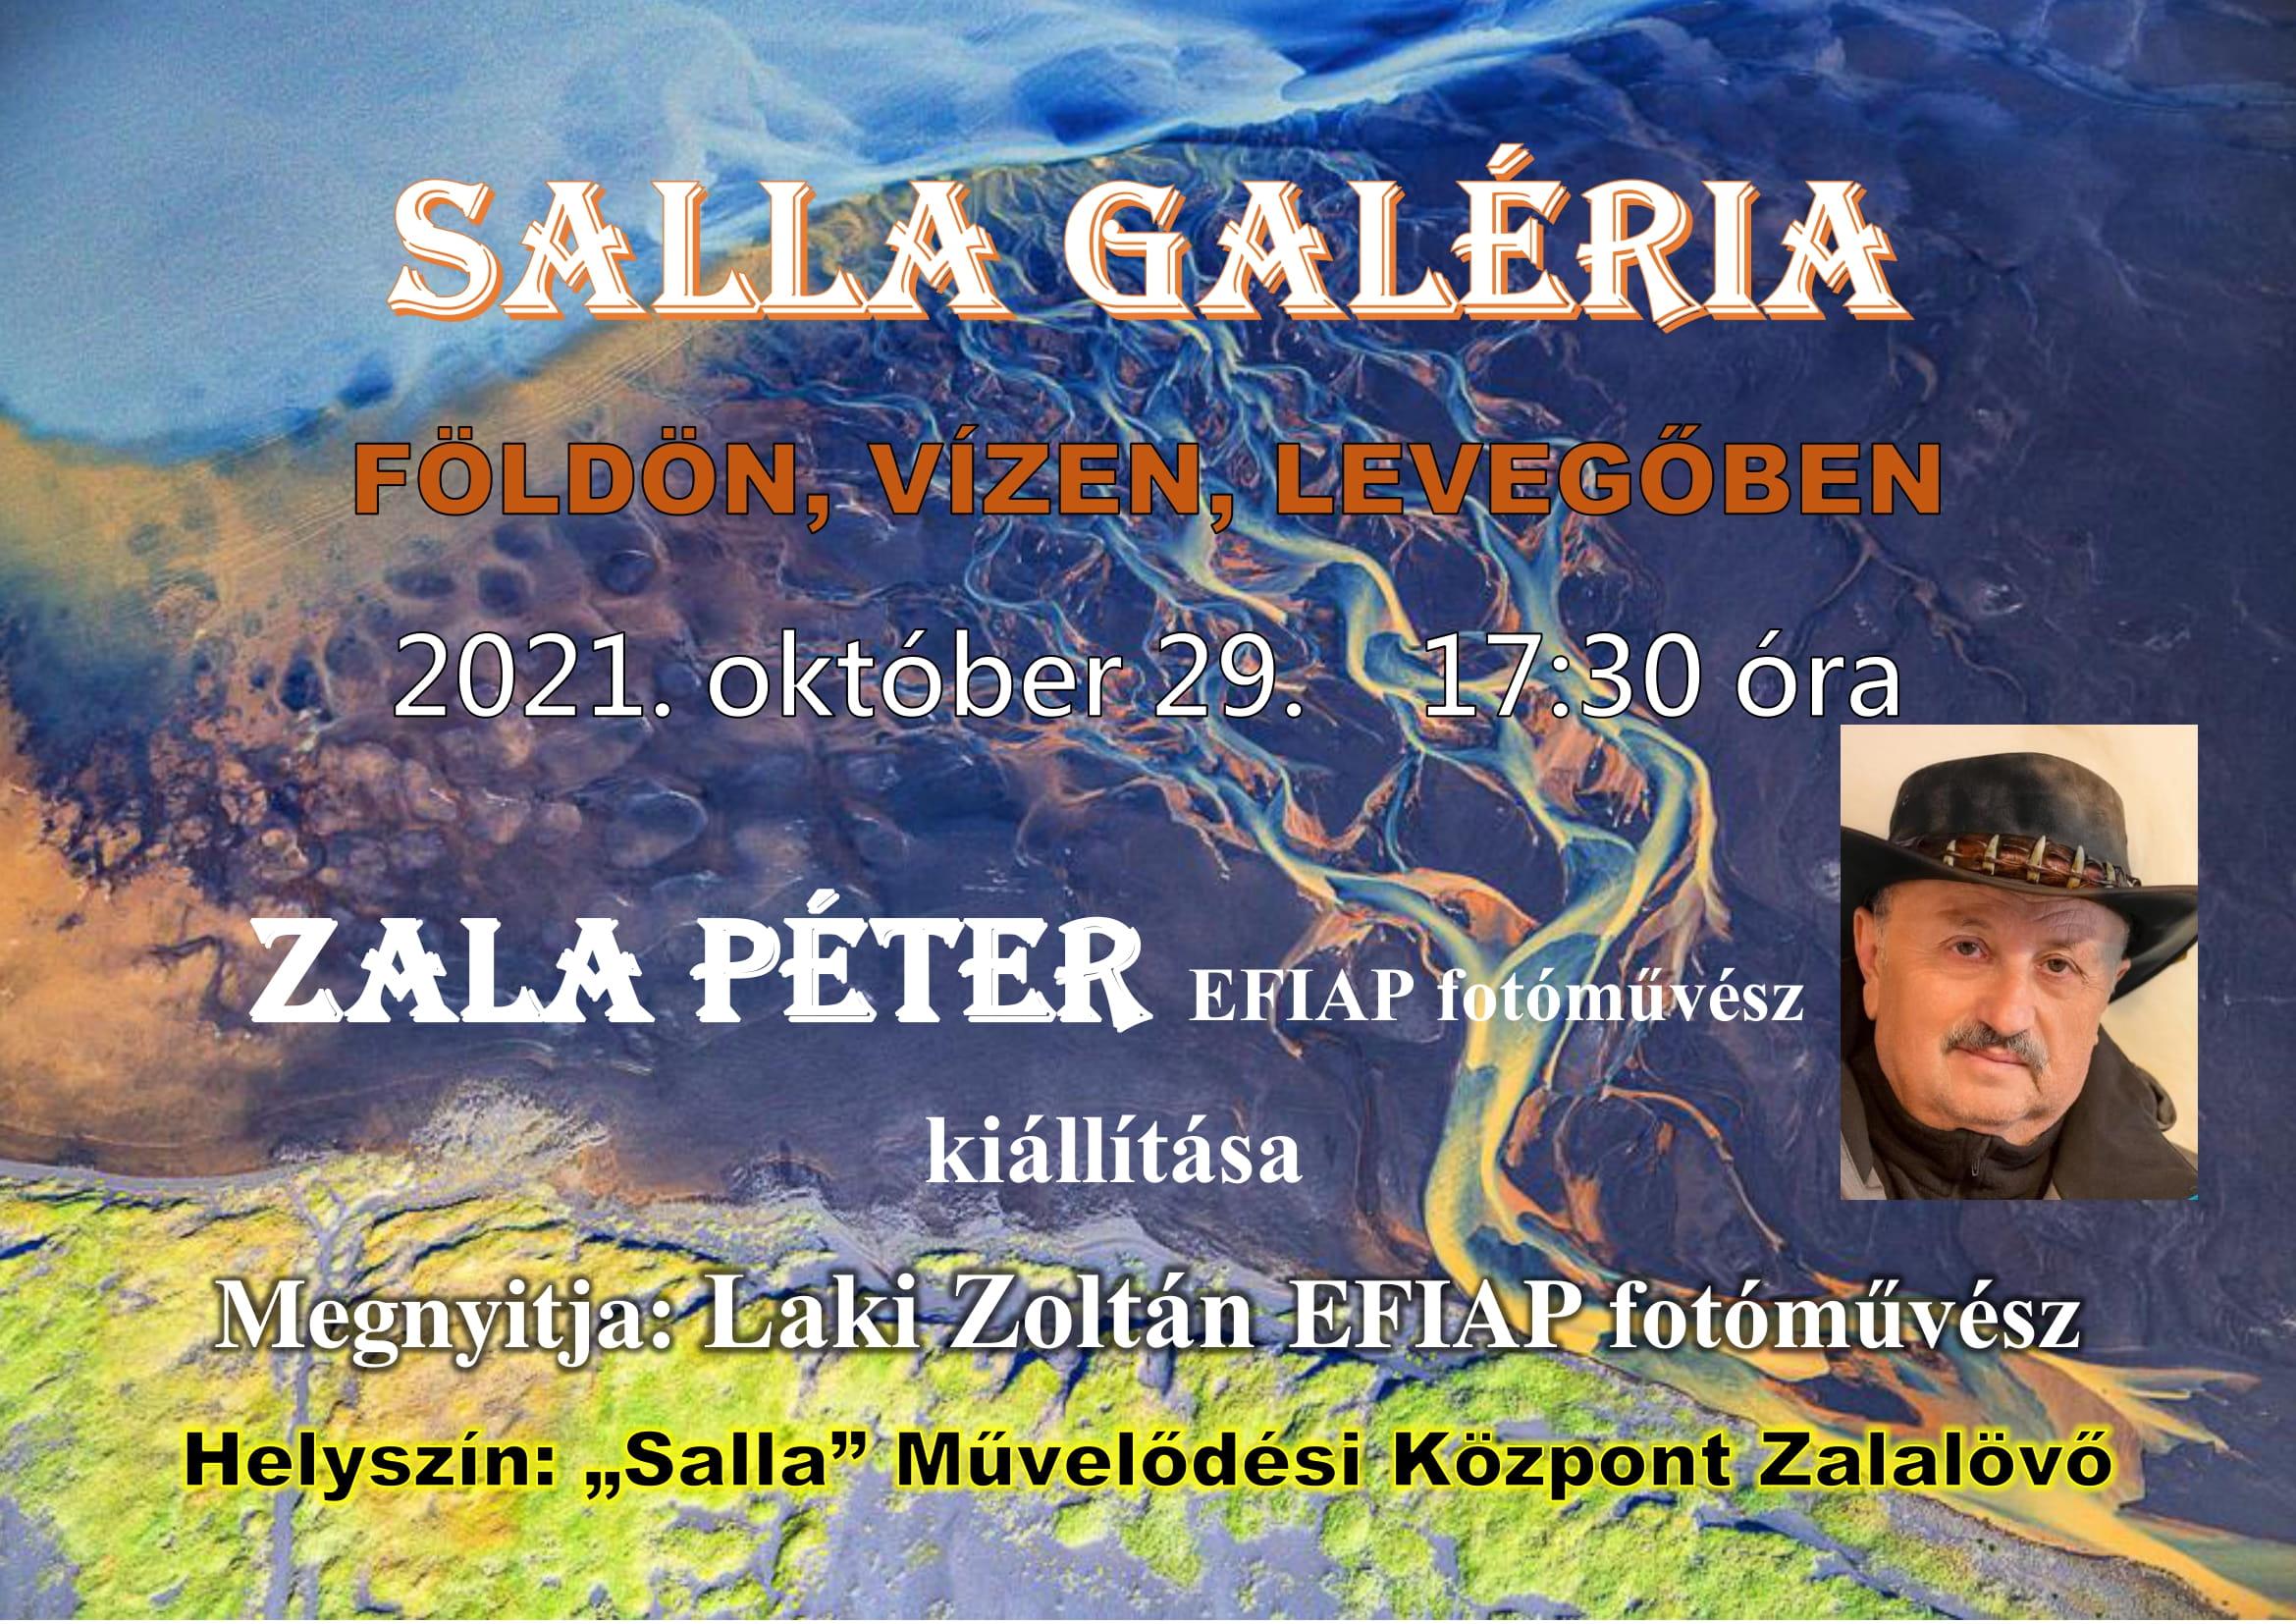 Salla galéria – Zala Péter fotóművész  kiállítása